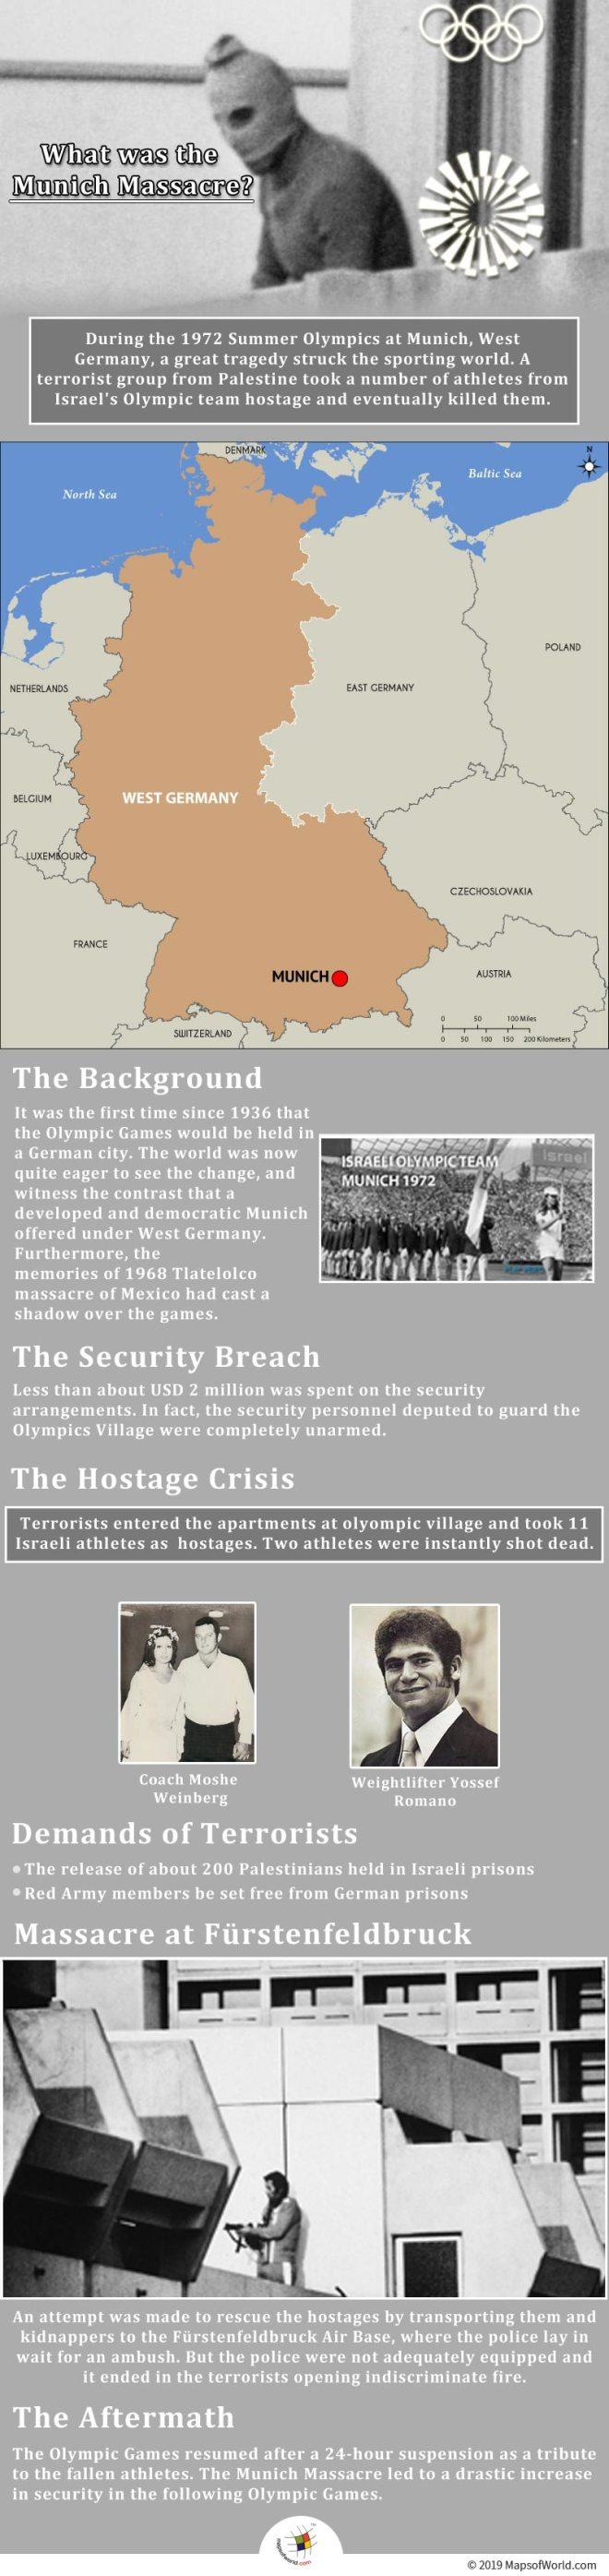 Infographic Showing Munich Massacre